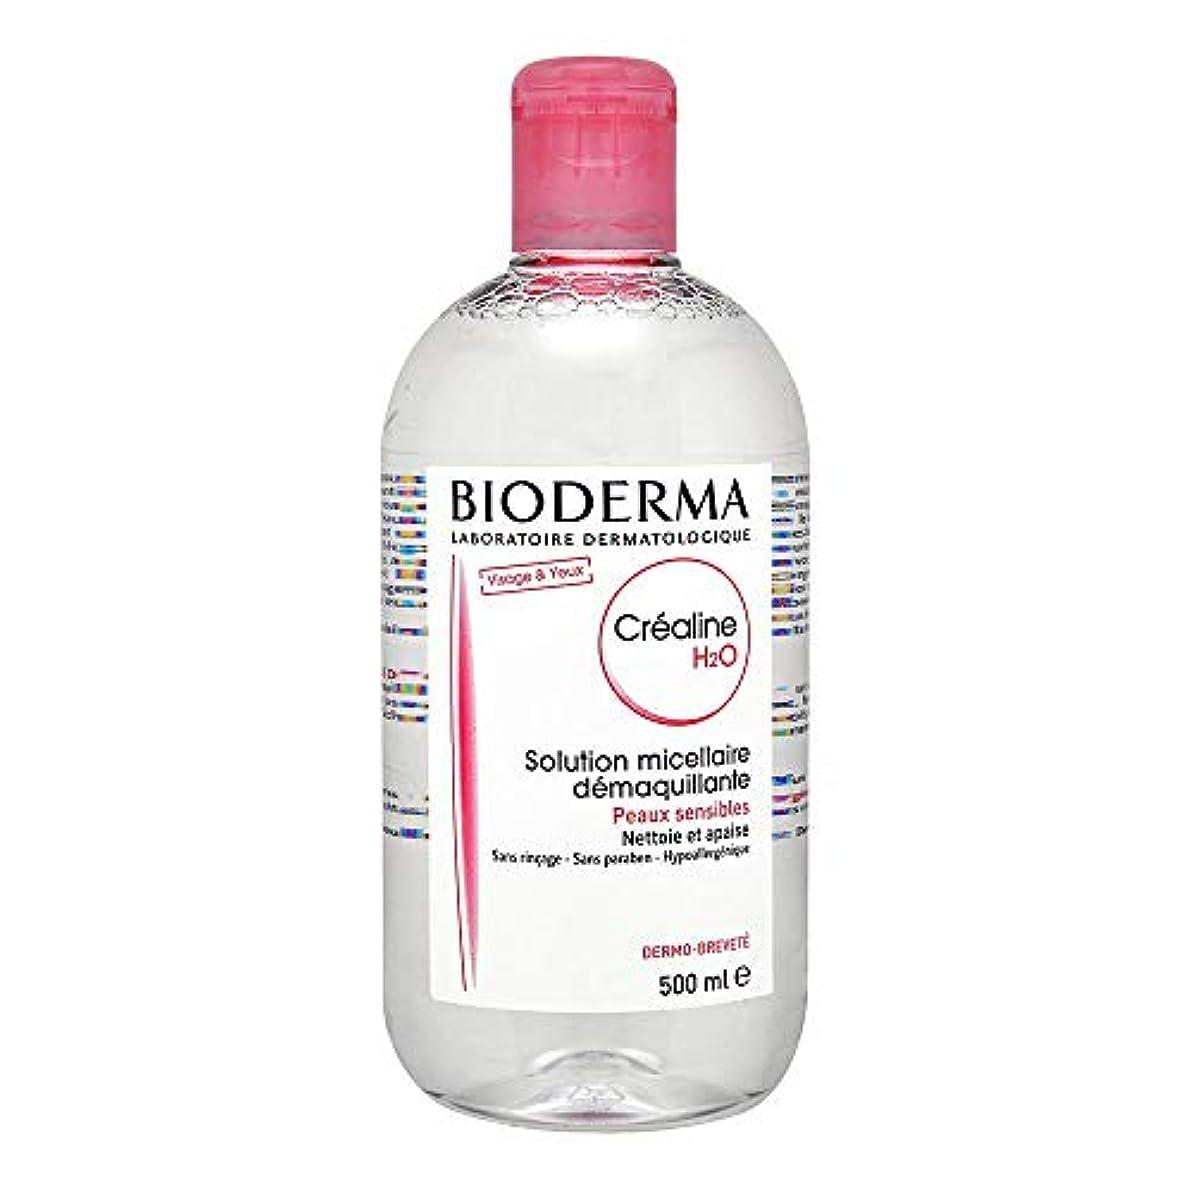 キリン寄り添うピットビオデルマ(Bioderma) クレアリヌ H2O ソリューション ミスレール(全ての肌用) [並行輸入品]